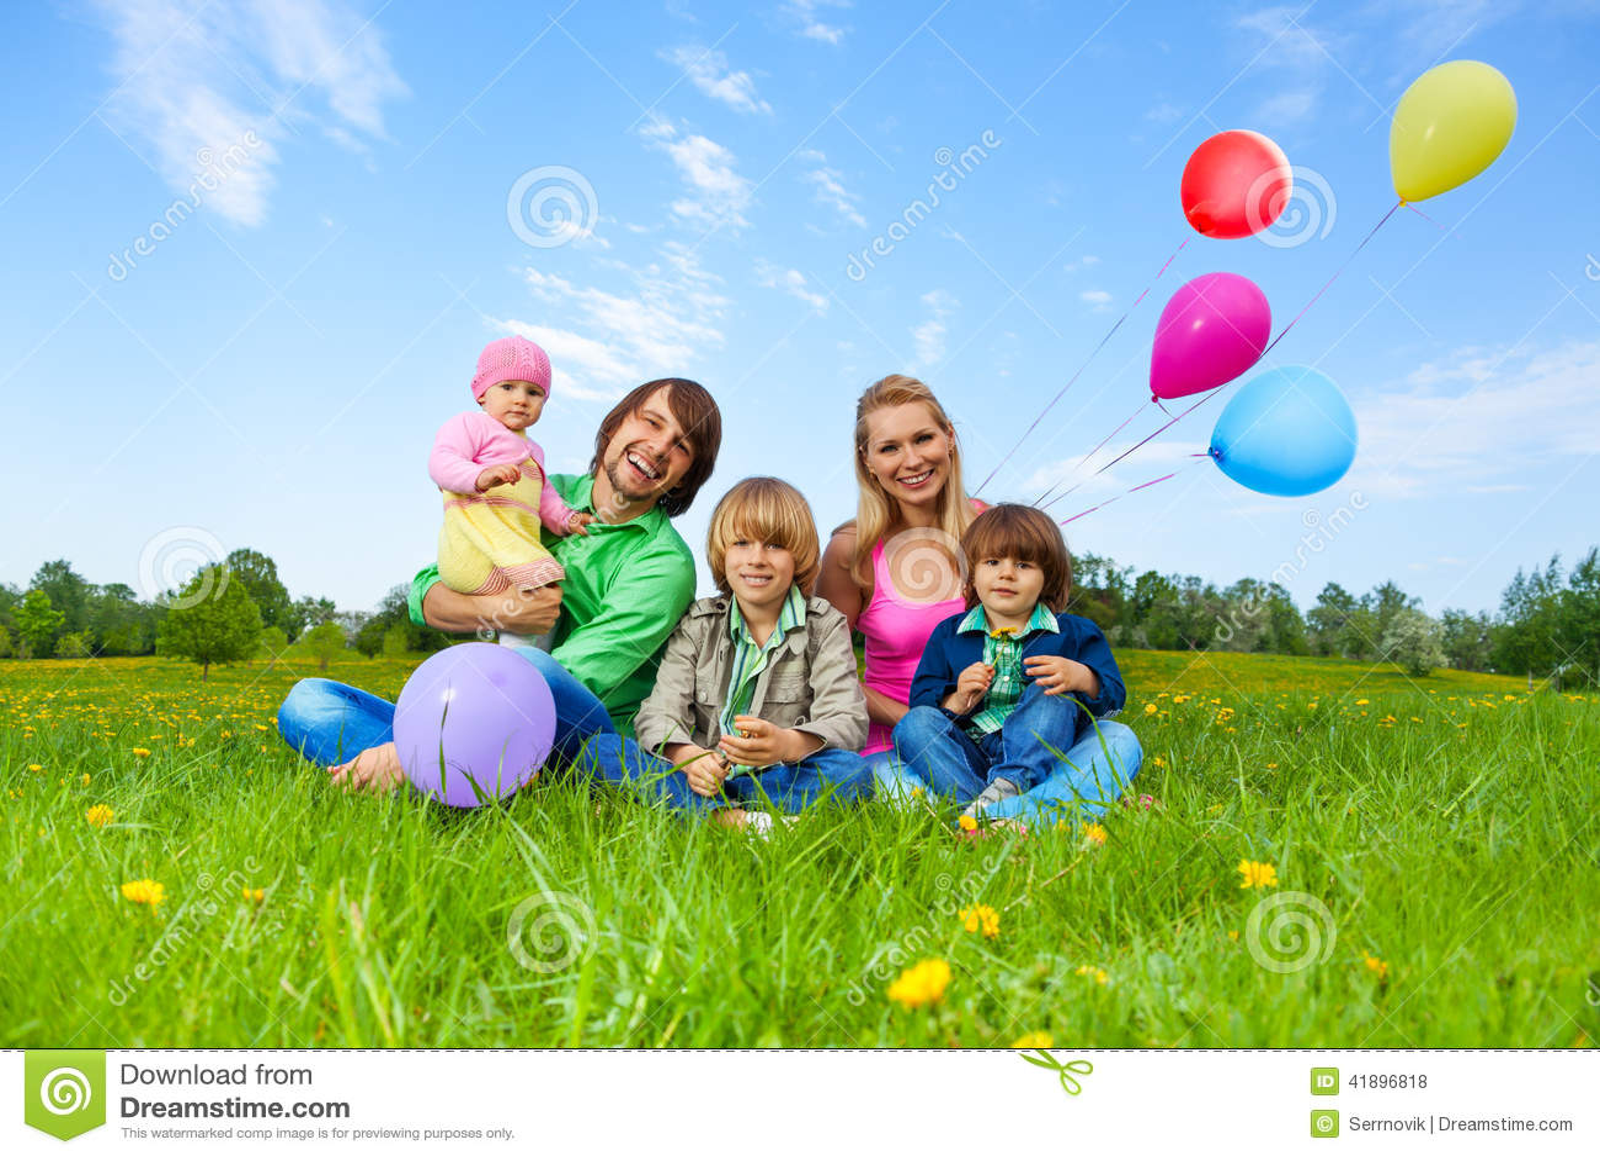 微笑的家庭坐与气球的草